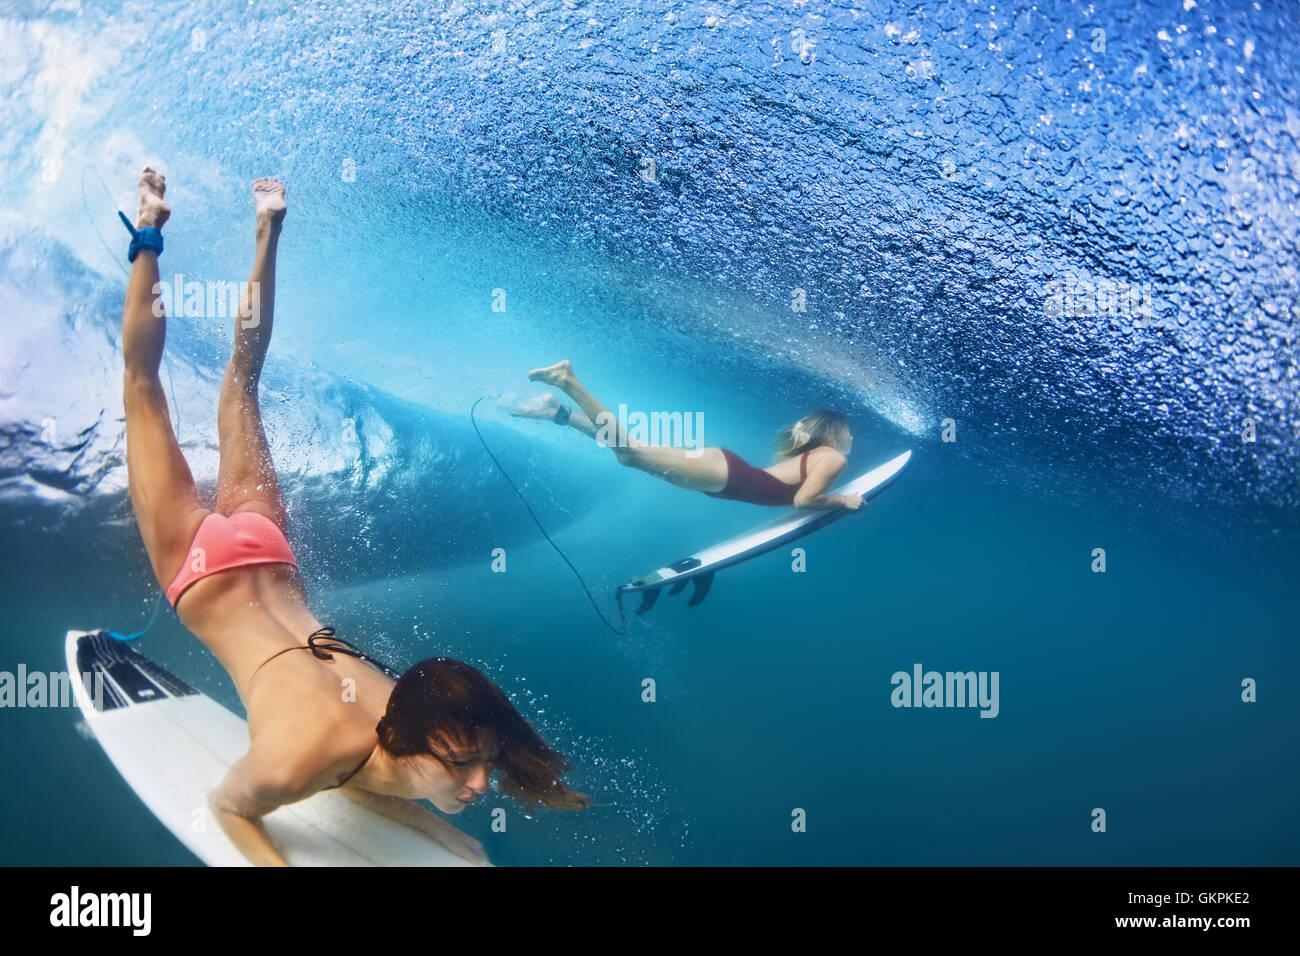 Aktive Mädchen im Bikini in Aktion - Surfer mit Surfbrett Tauchen unter Wasser unter großen Ozeanwelle Stockbild